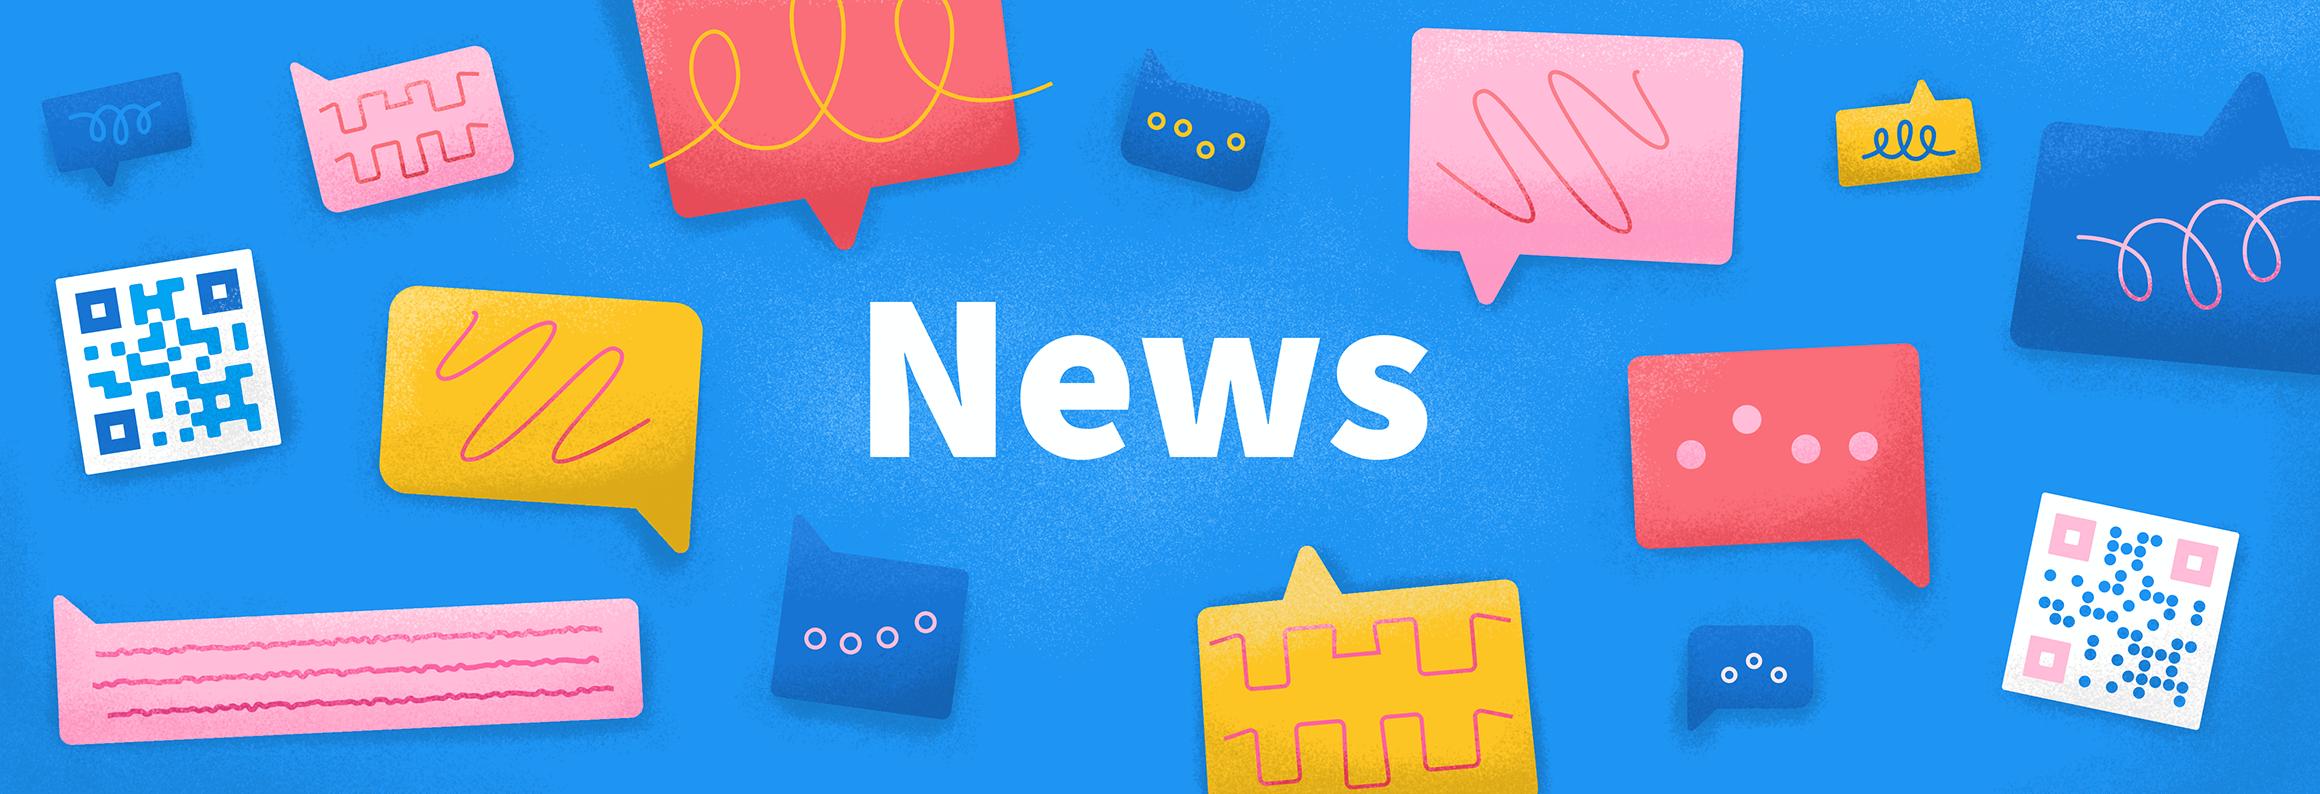 Top QR Code news